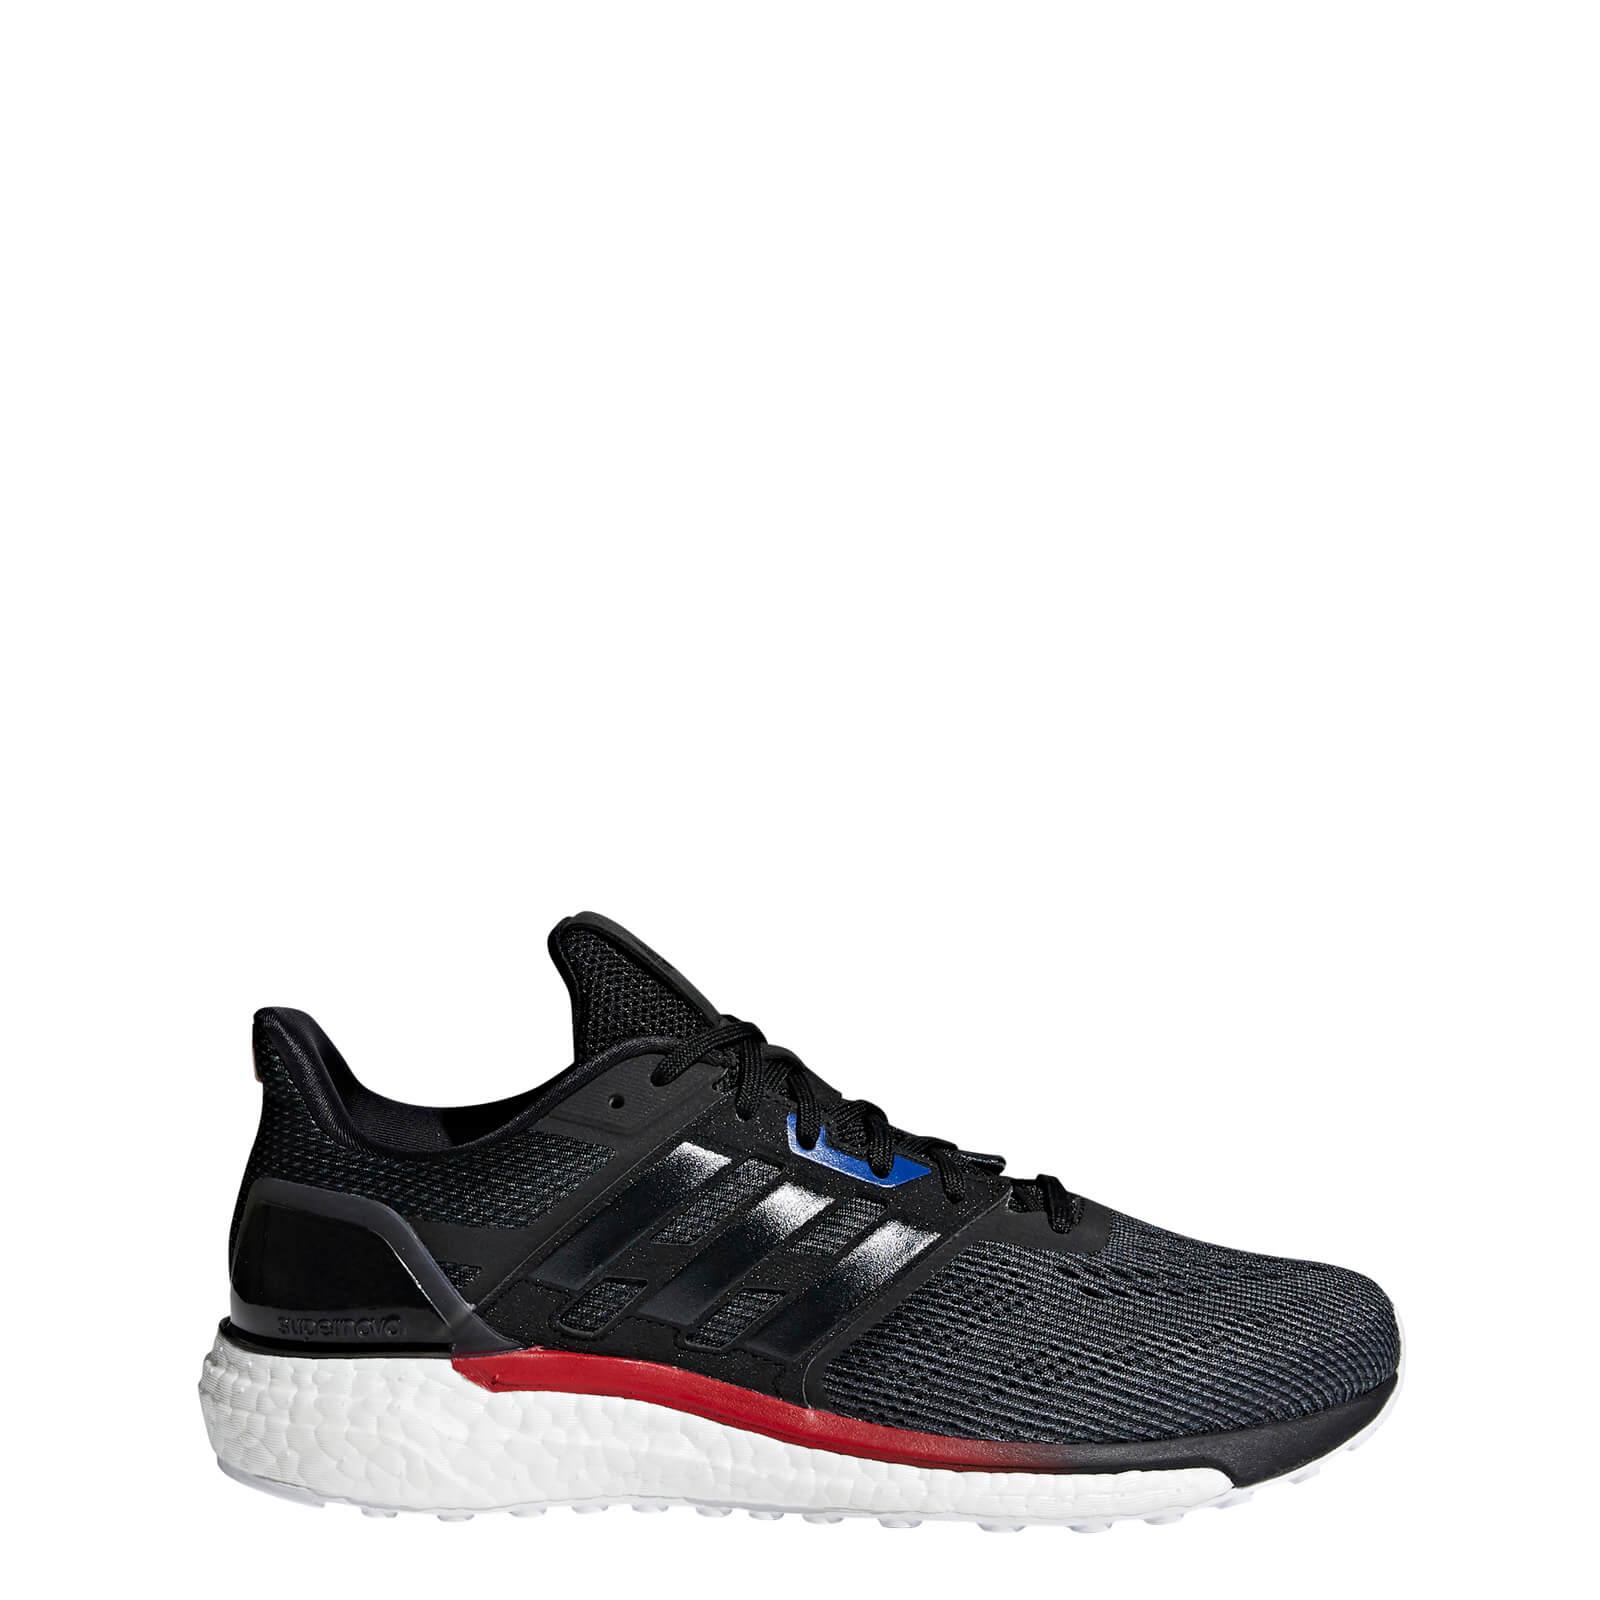 4e1759280b7bf adidas Supernova Aktiv Running Shoes - Black